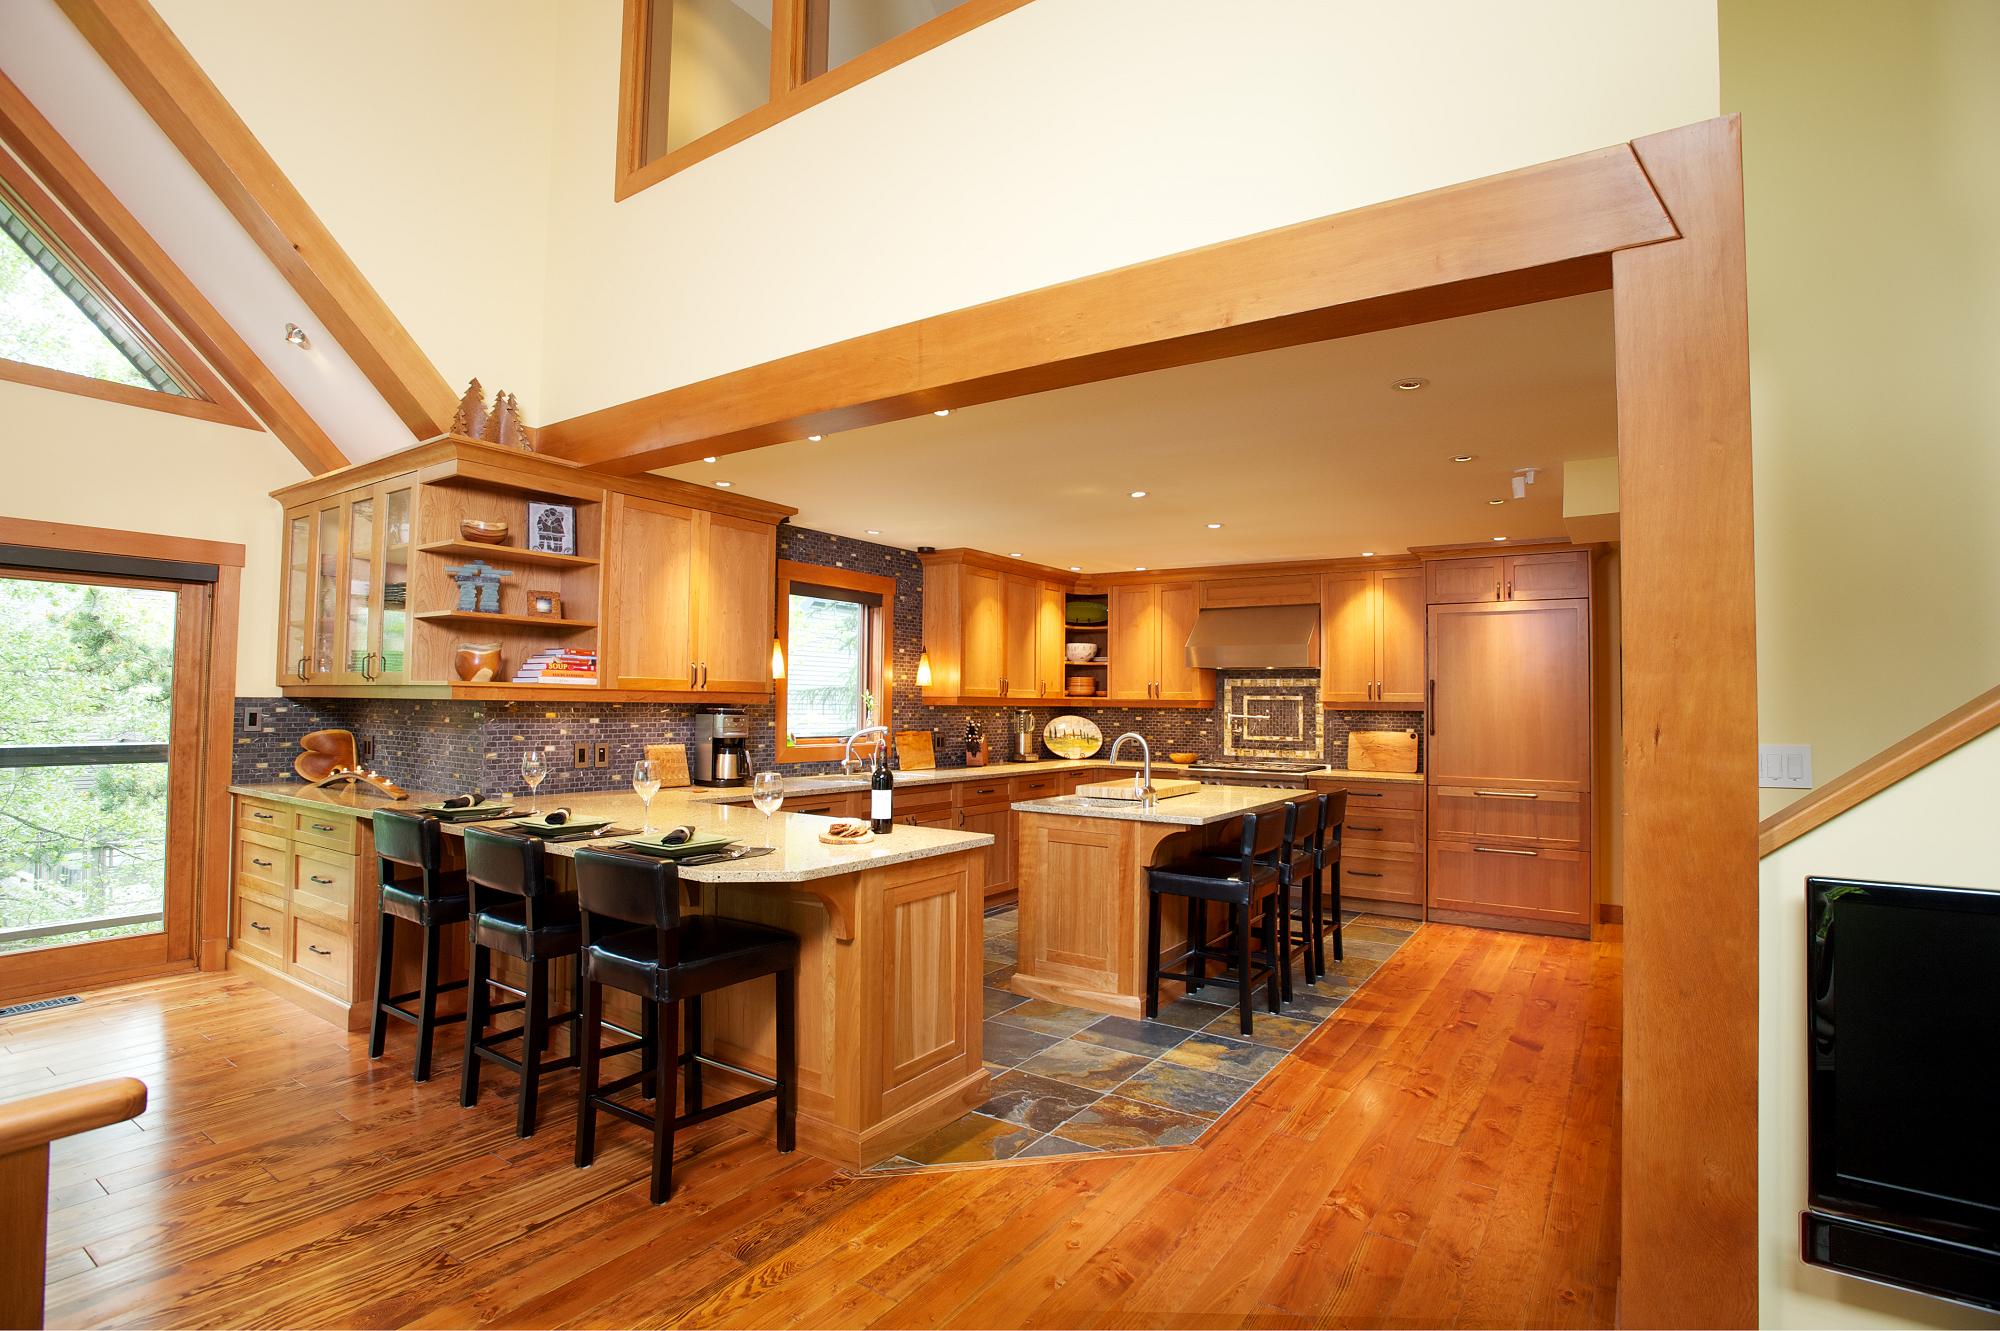 wsi-imageoptim-Whistler-beautiful-kitchen-reno-1.png